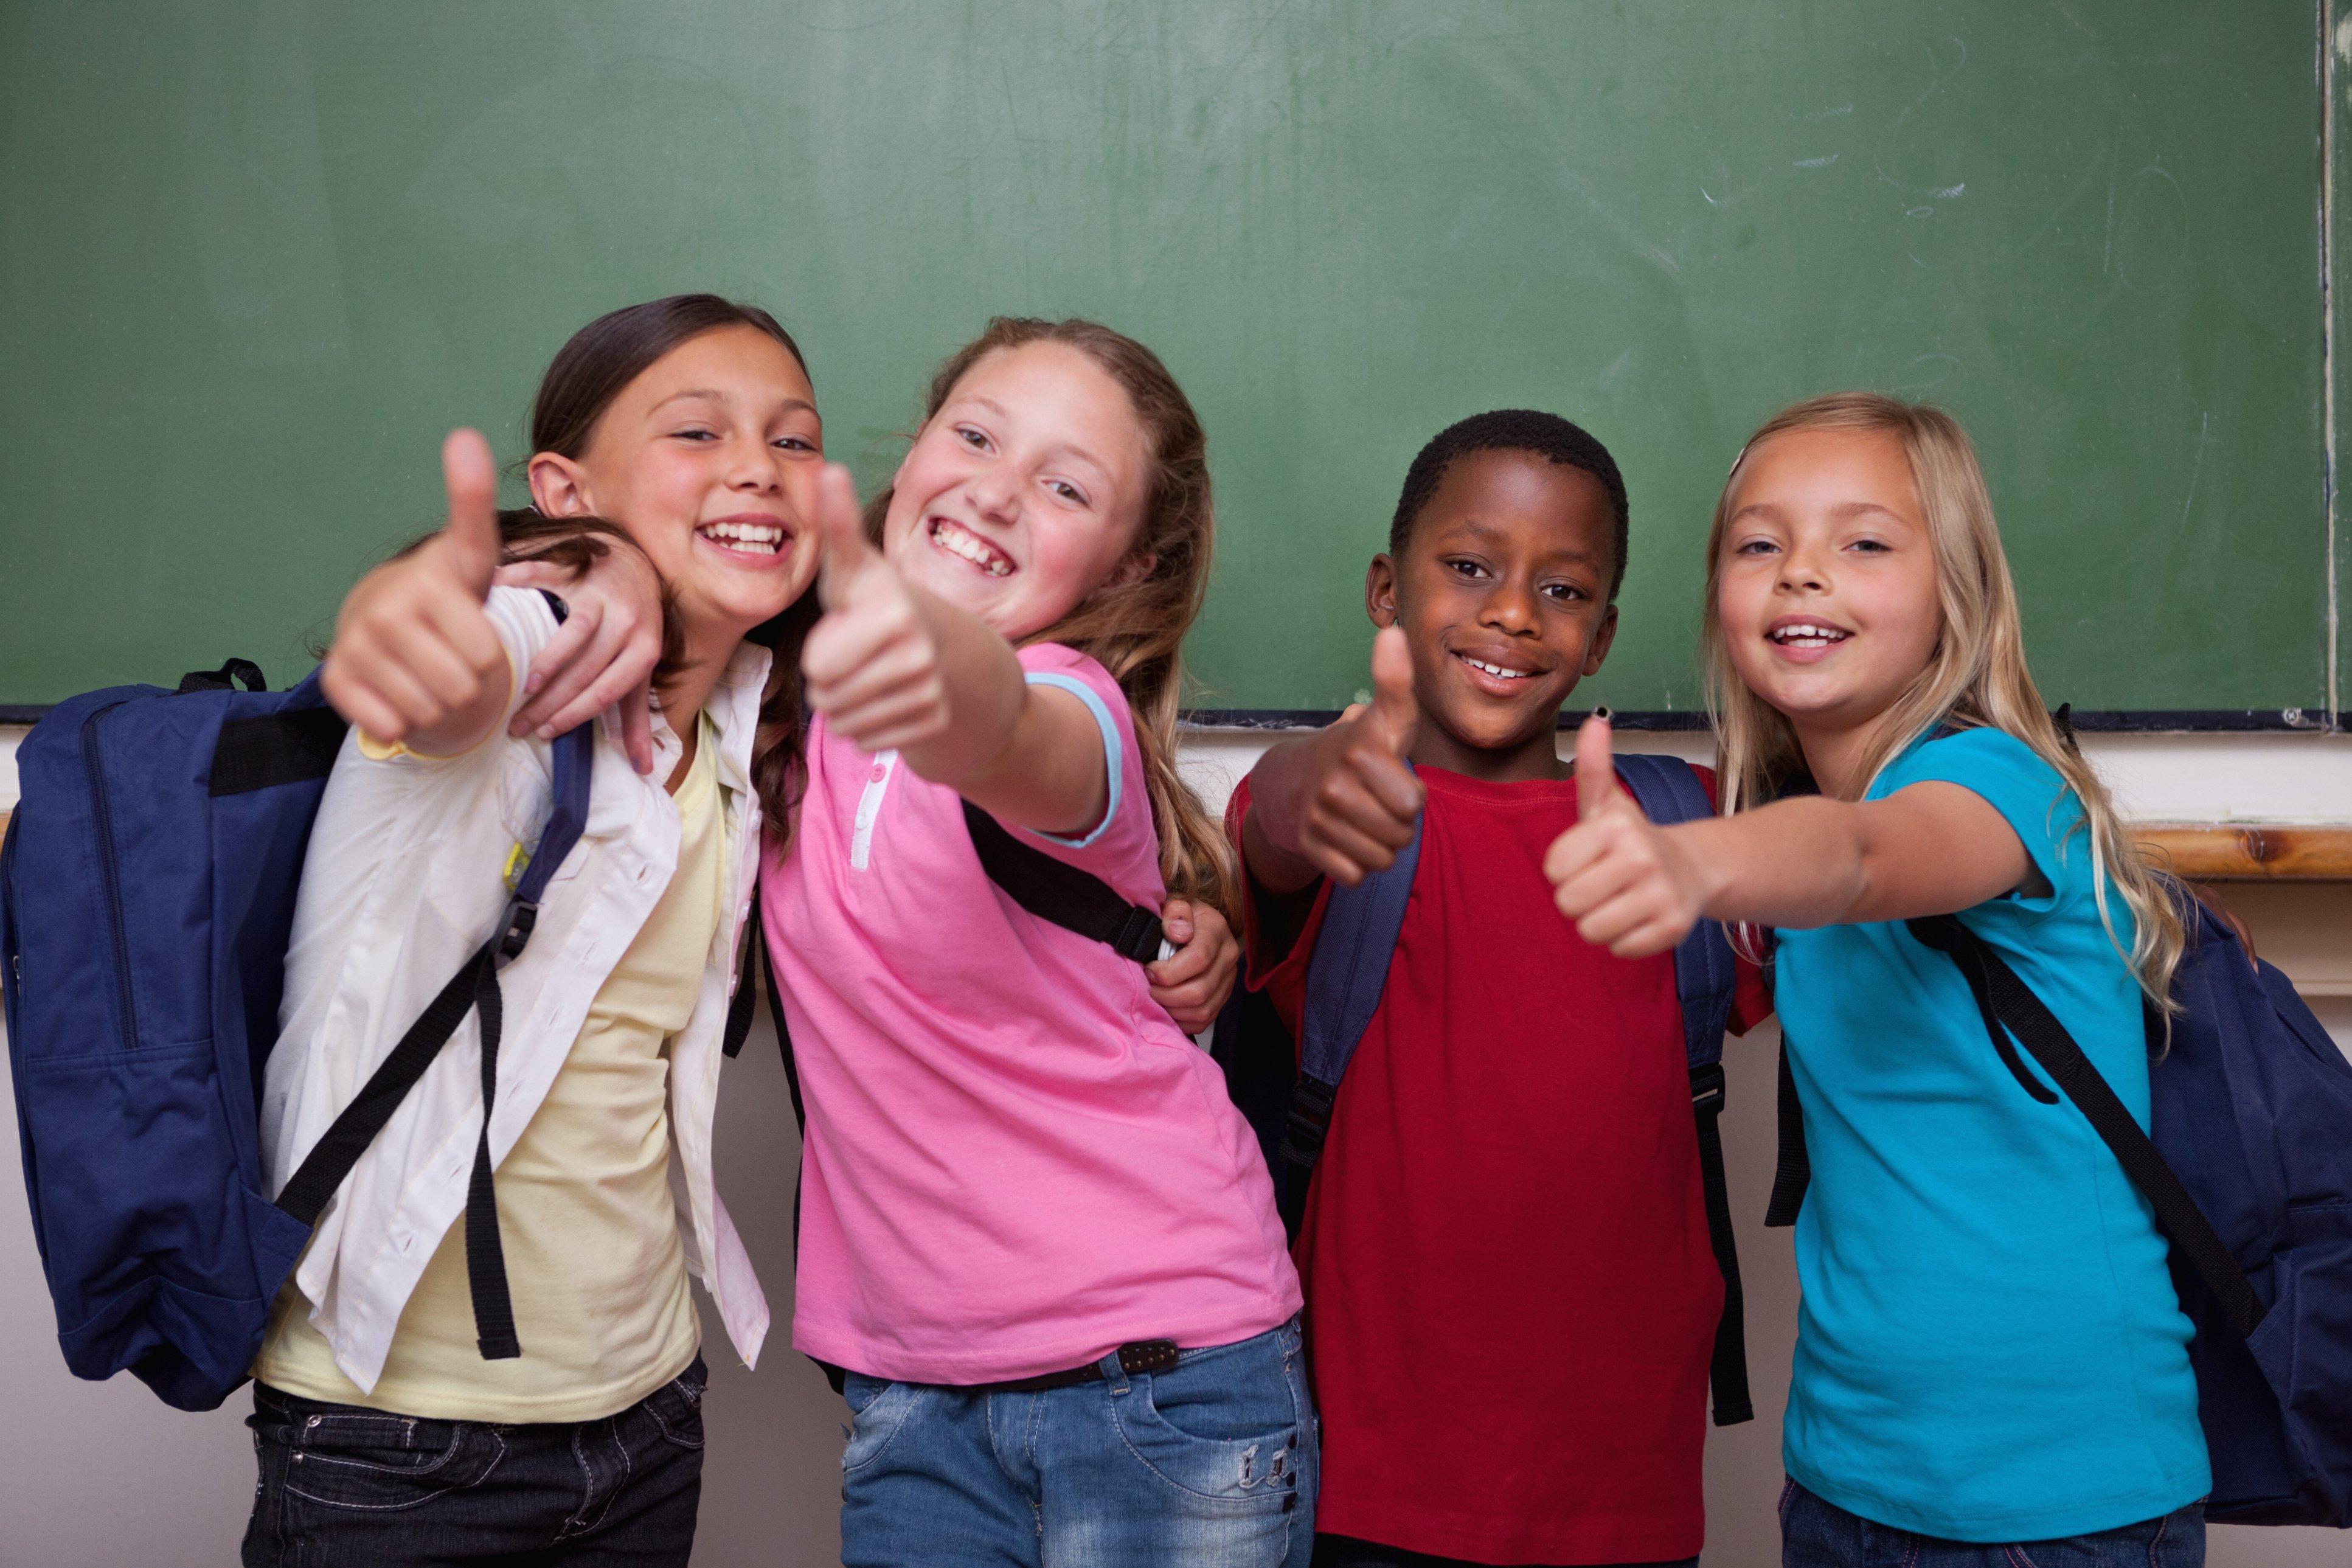 special needs children happy thumbs up